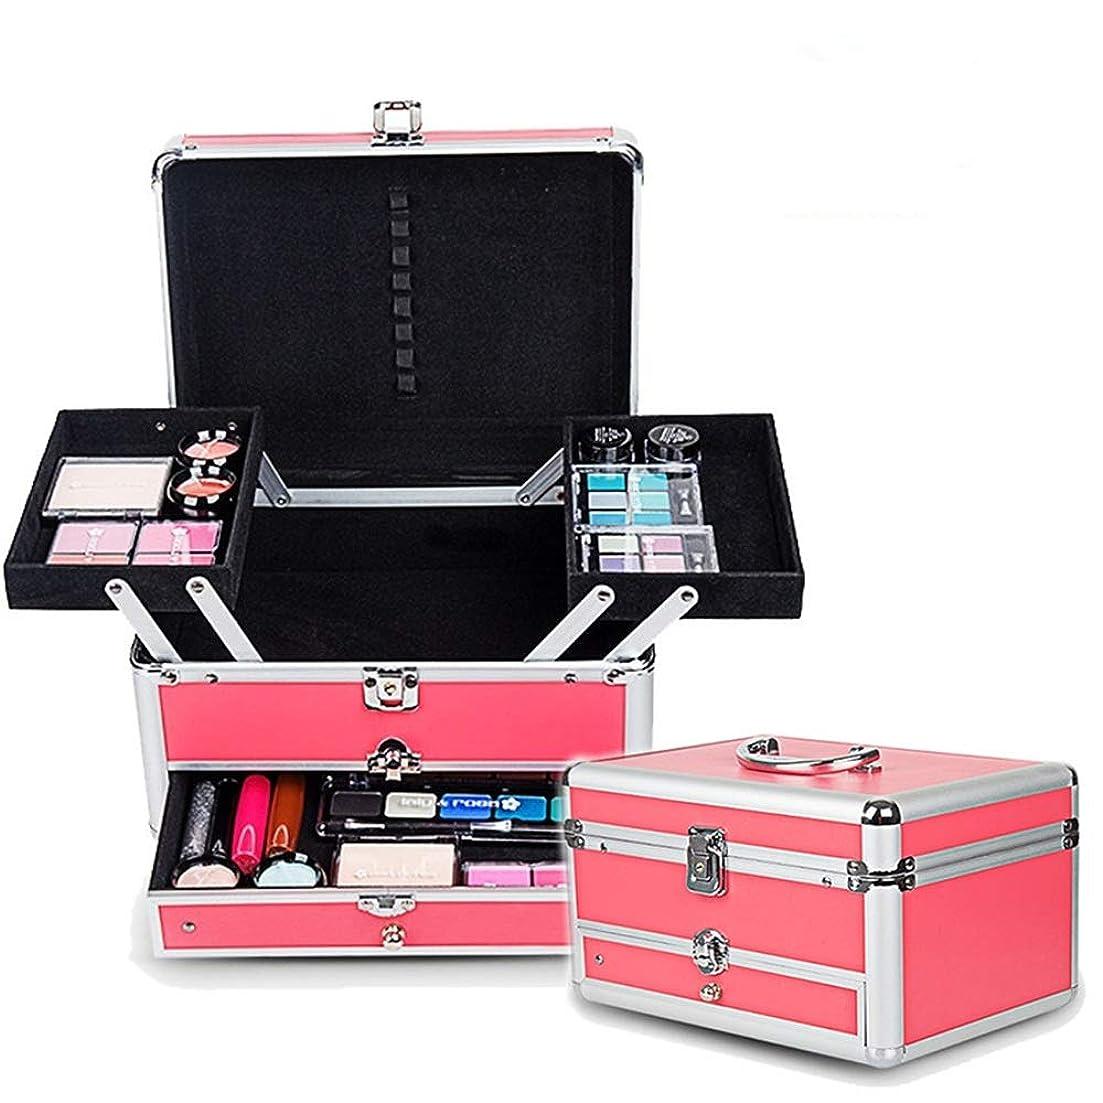 工夫する代数的持つ化粧オーガナイザーバッグ メイクアップトラベルバッグストレージバッグ防水ミニメイクアップケース旅行旅行のための 化粧品ケース